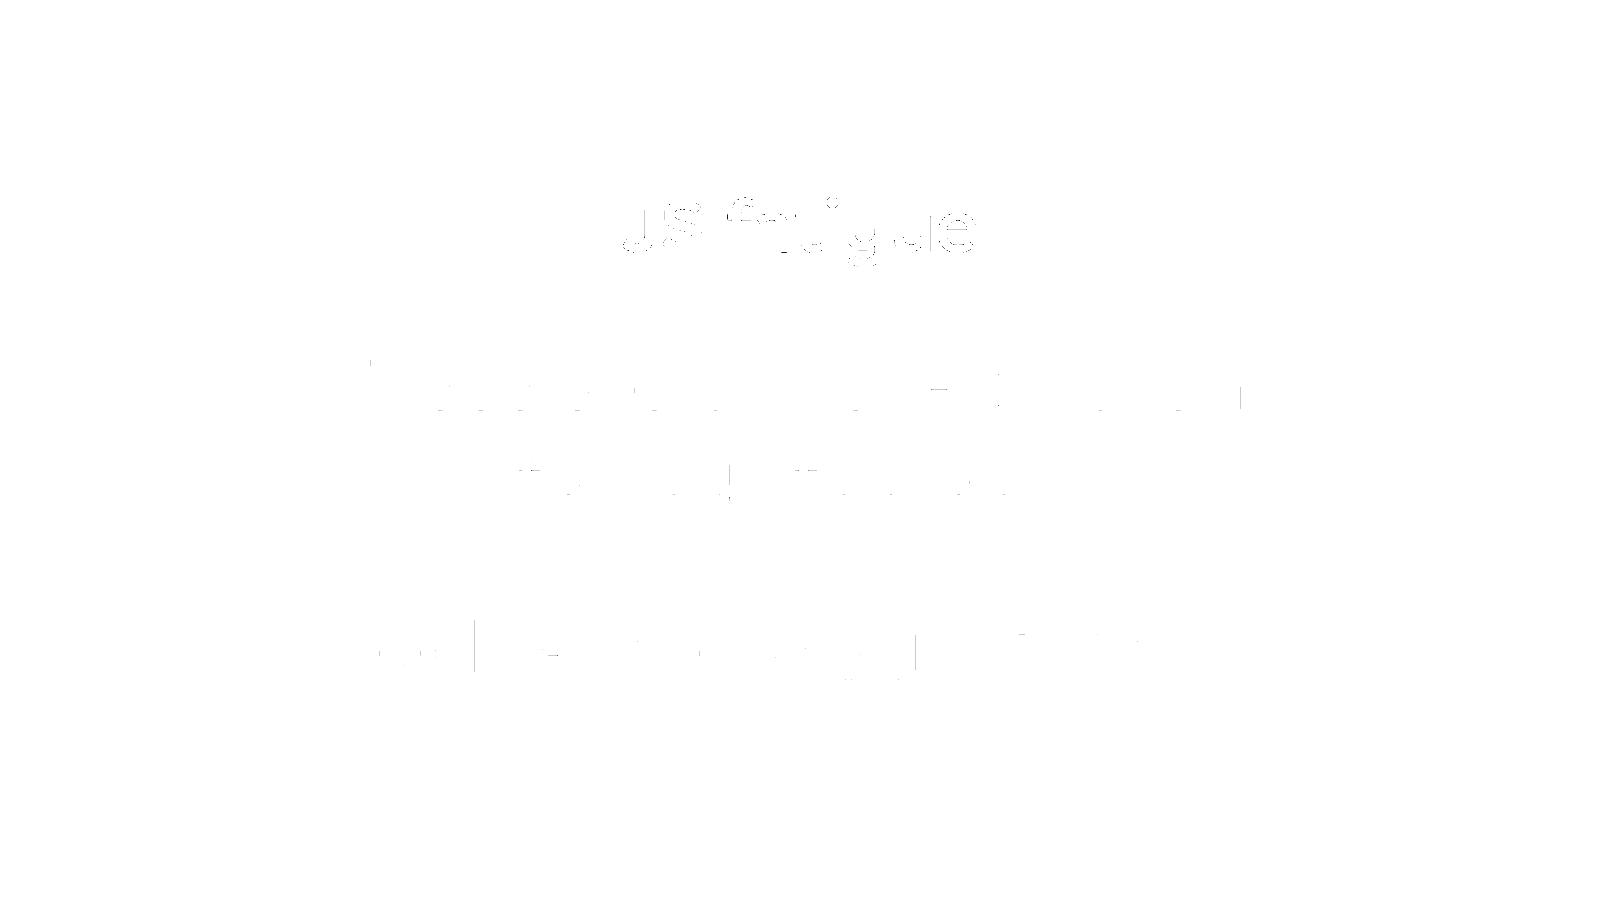 Slide 46